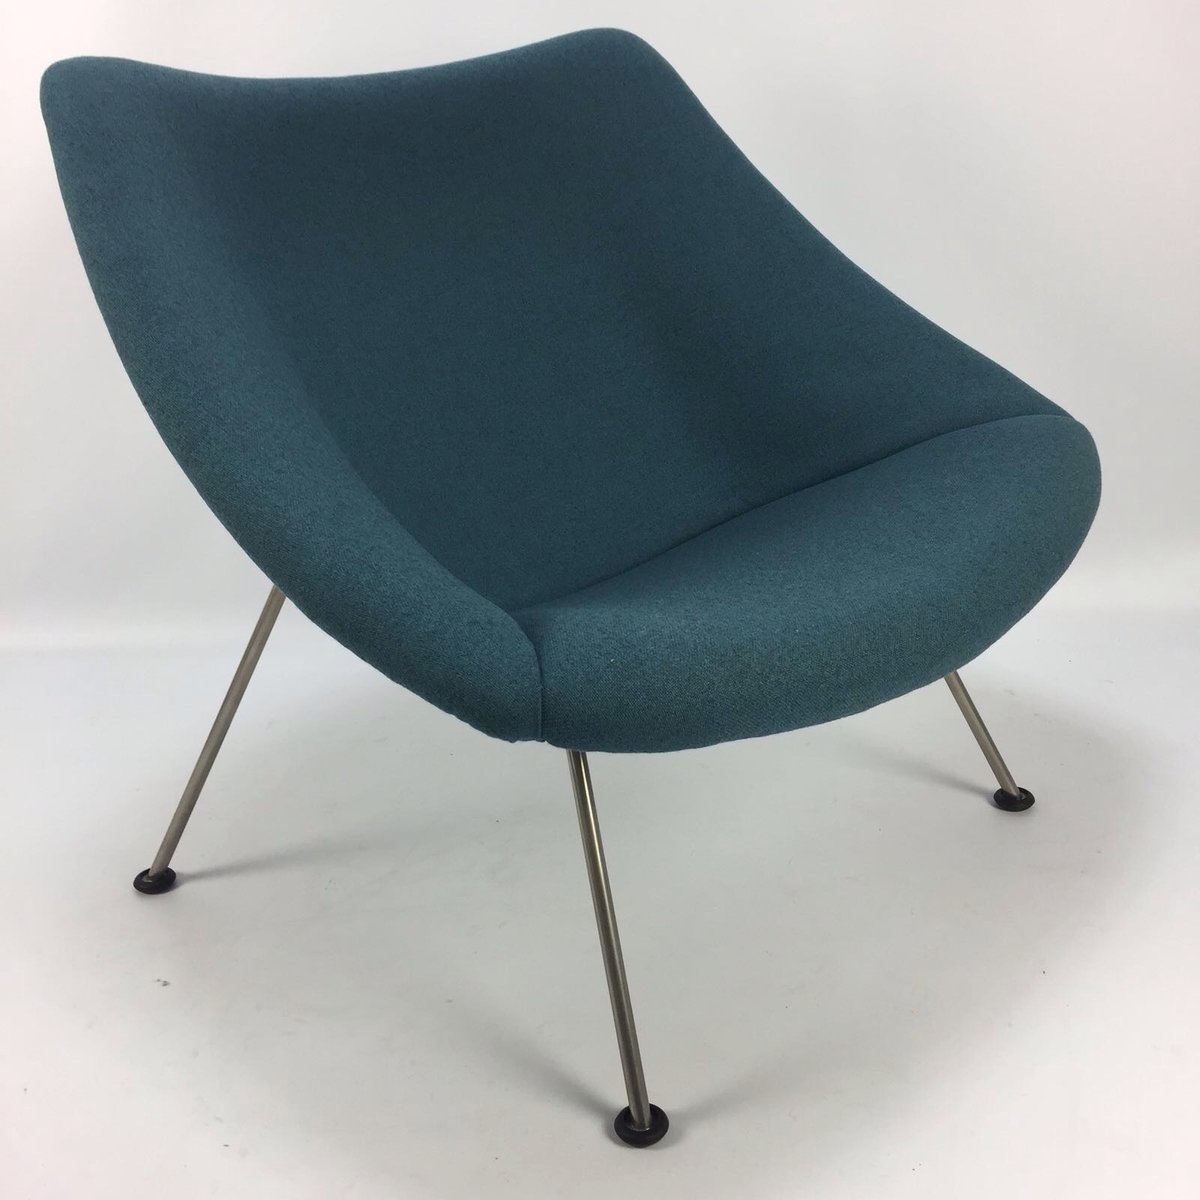 chaise oyster par pierre paulin pour artifort 1965 en vente sur pamono. Black Bedroom Furniture Sets. Home Design Ideas